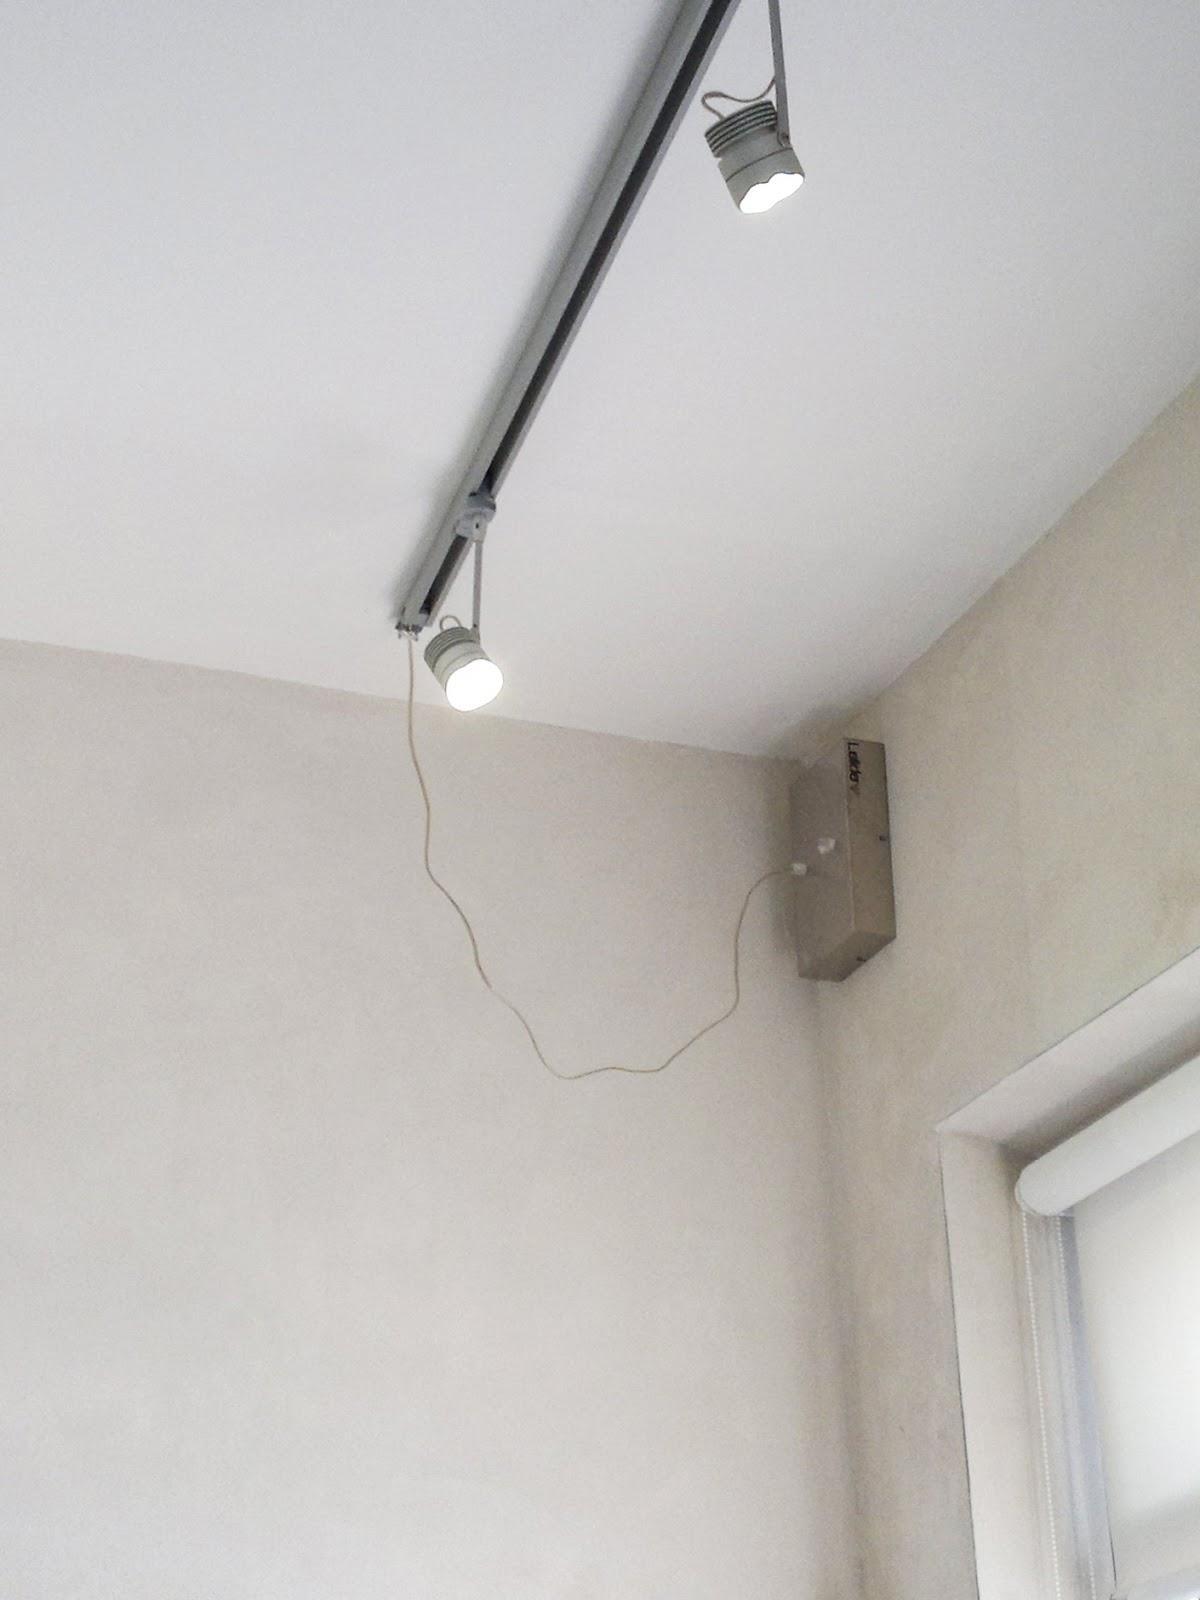 Luci per scale interne - Illuminazione scale a led ...